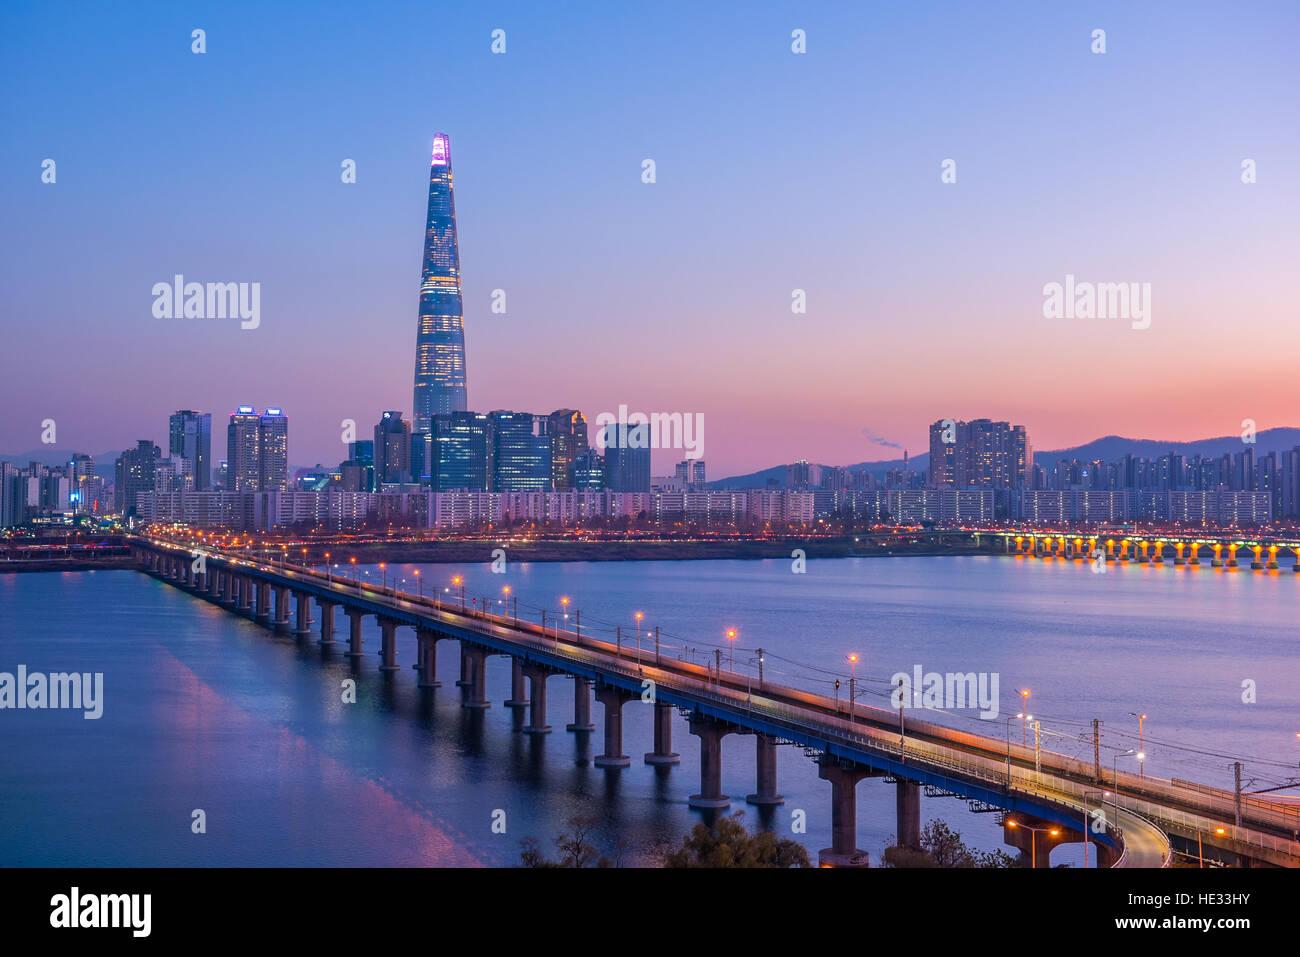 Seoul alla metropolitana e lotte Torre di notte, Corea del Sud Immagini Stock